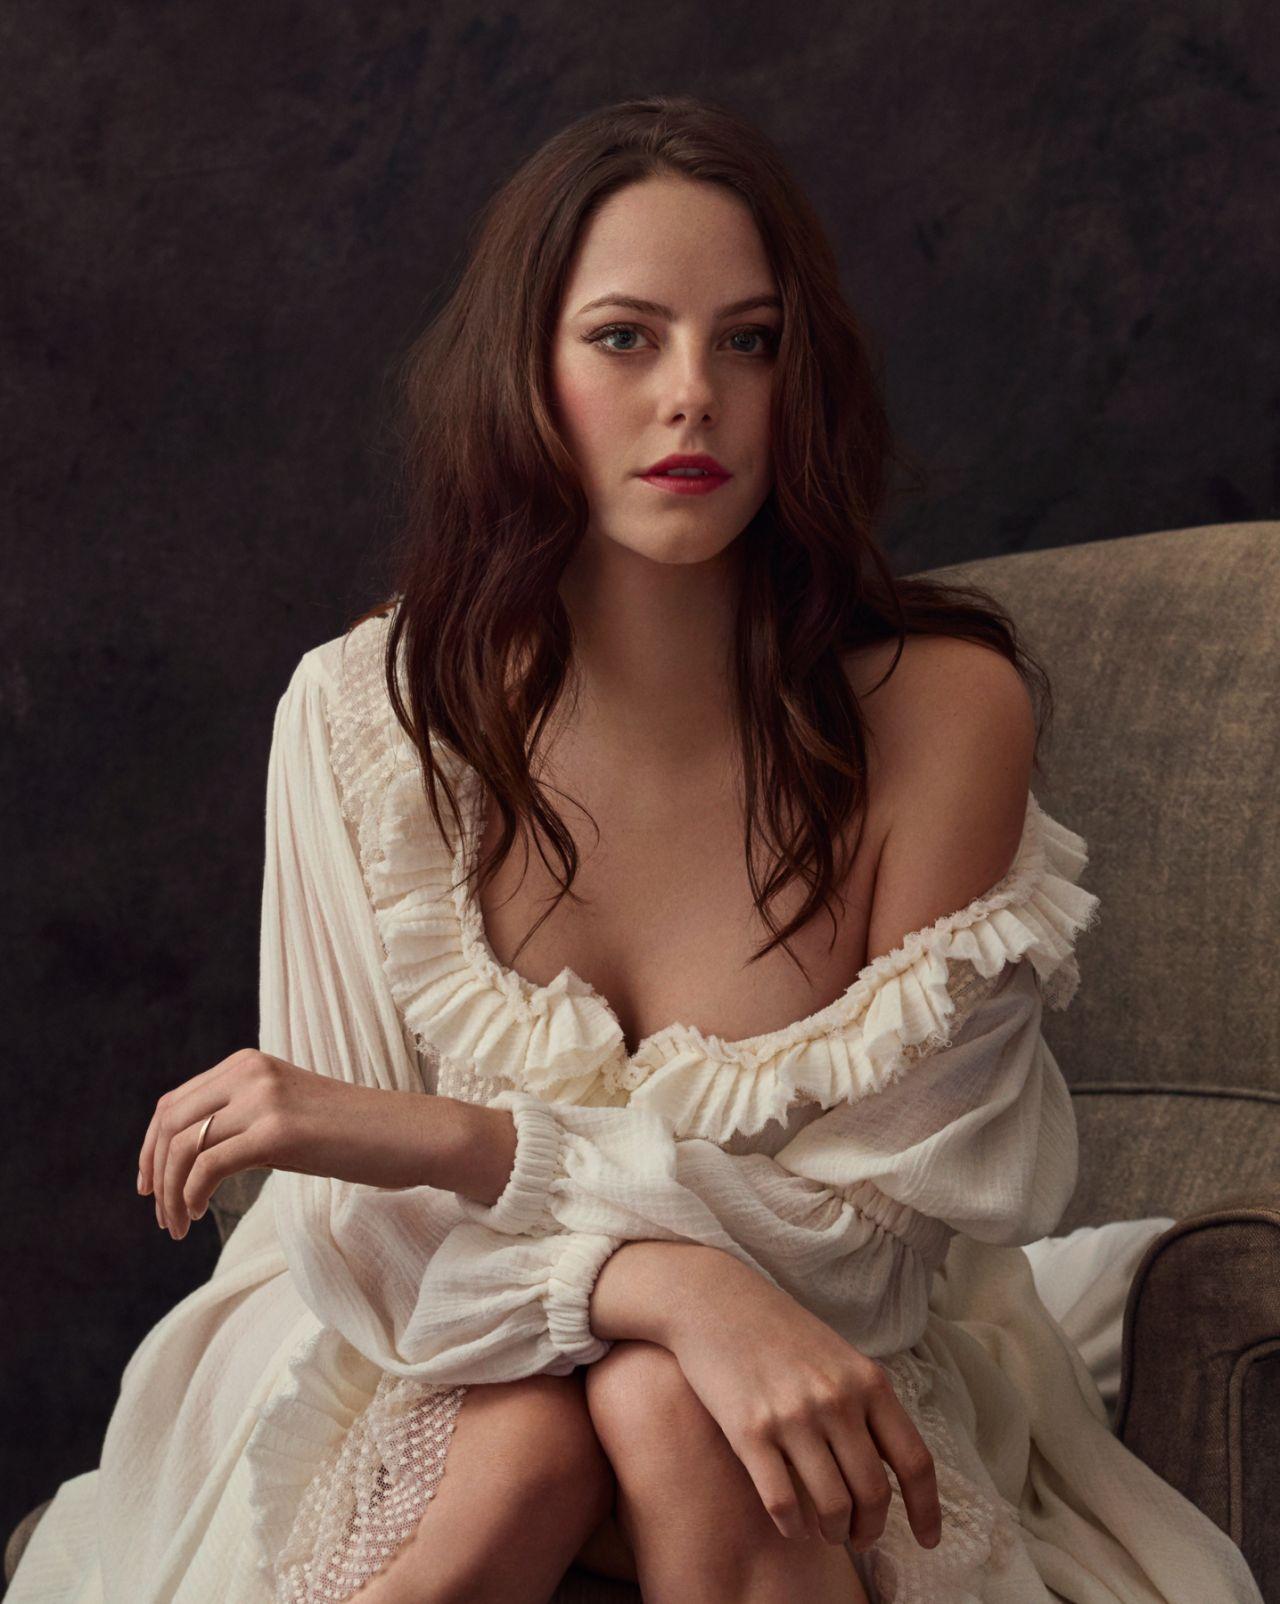 Kaya Scodelario nude (14 photo) Sideboobs, Instagram, see through